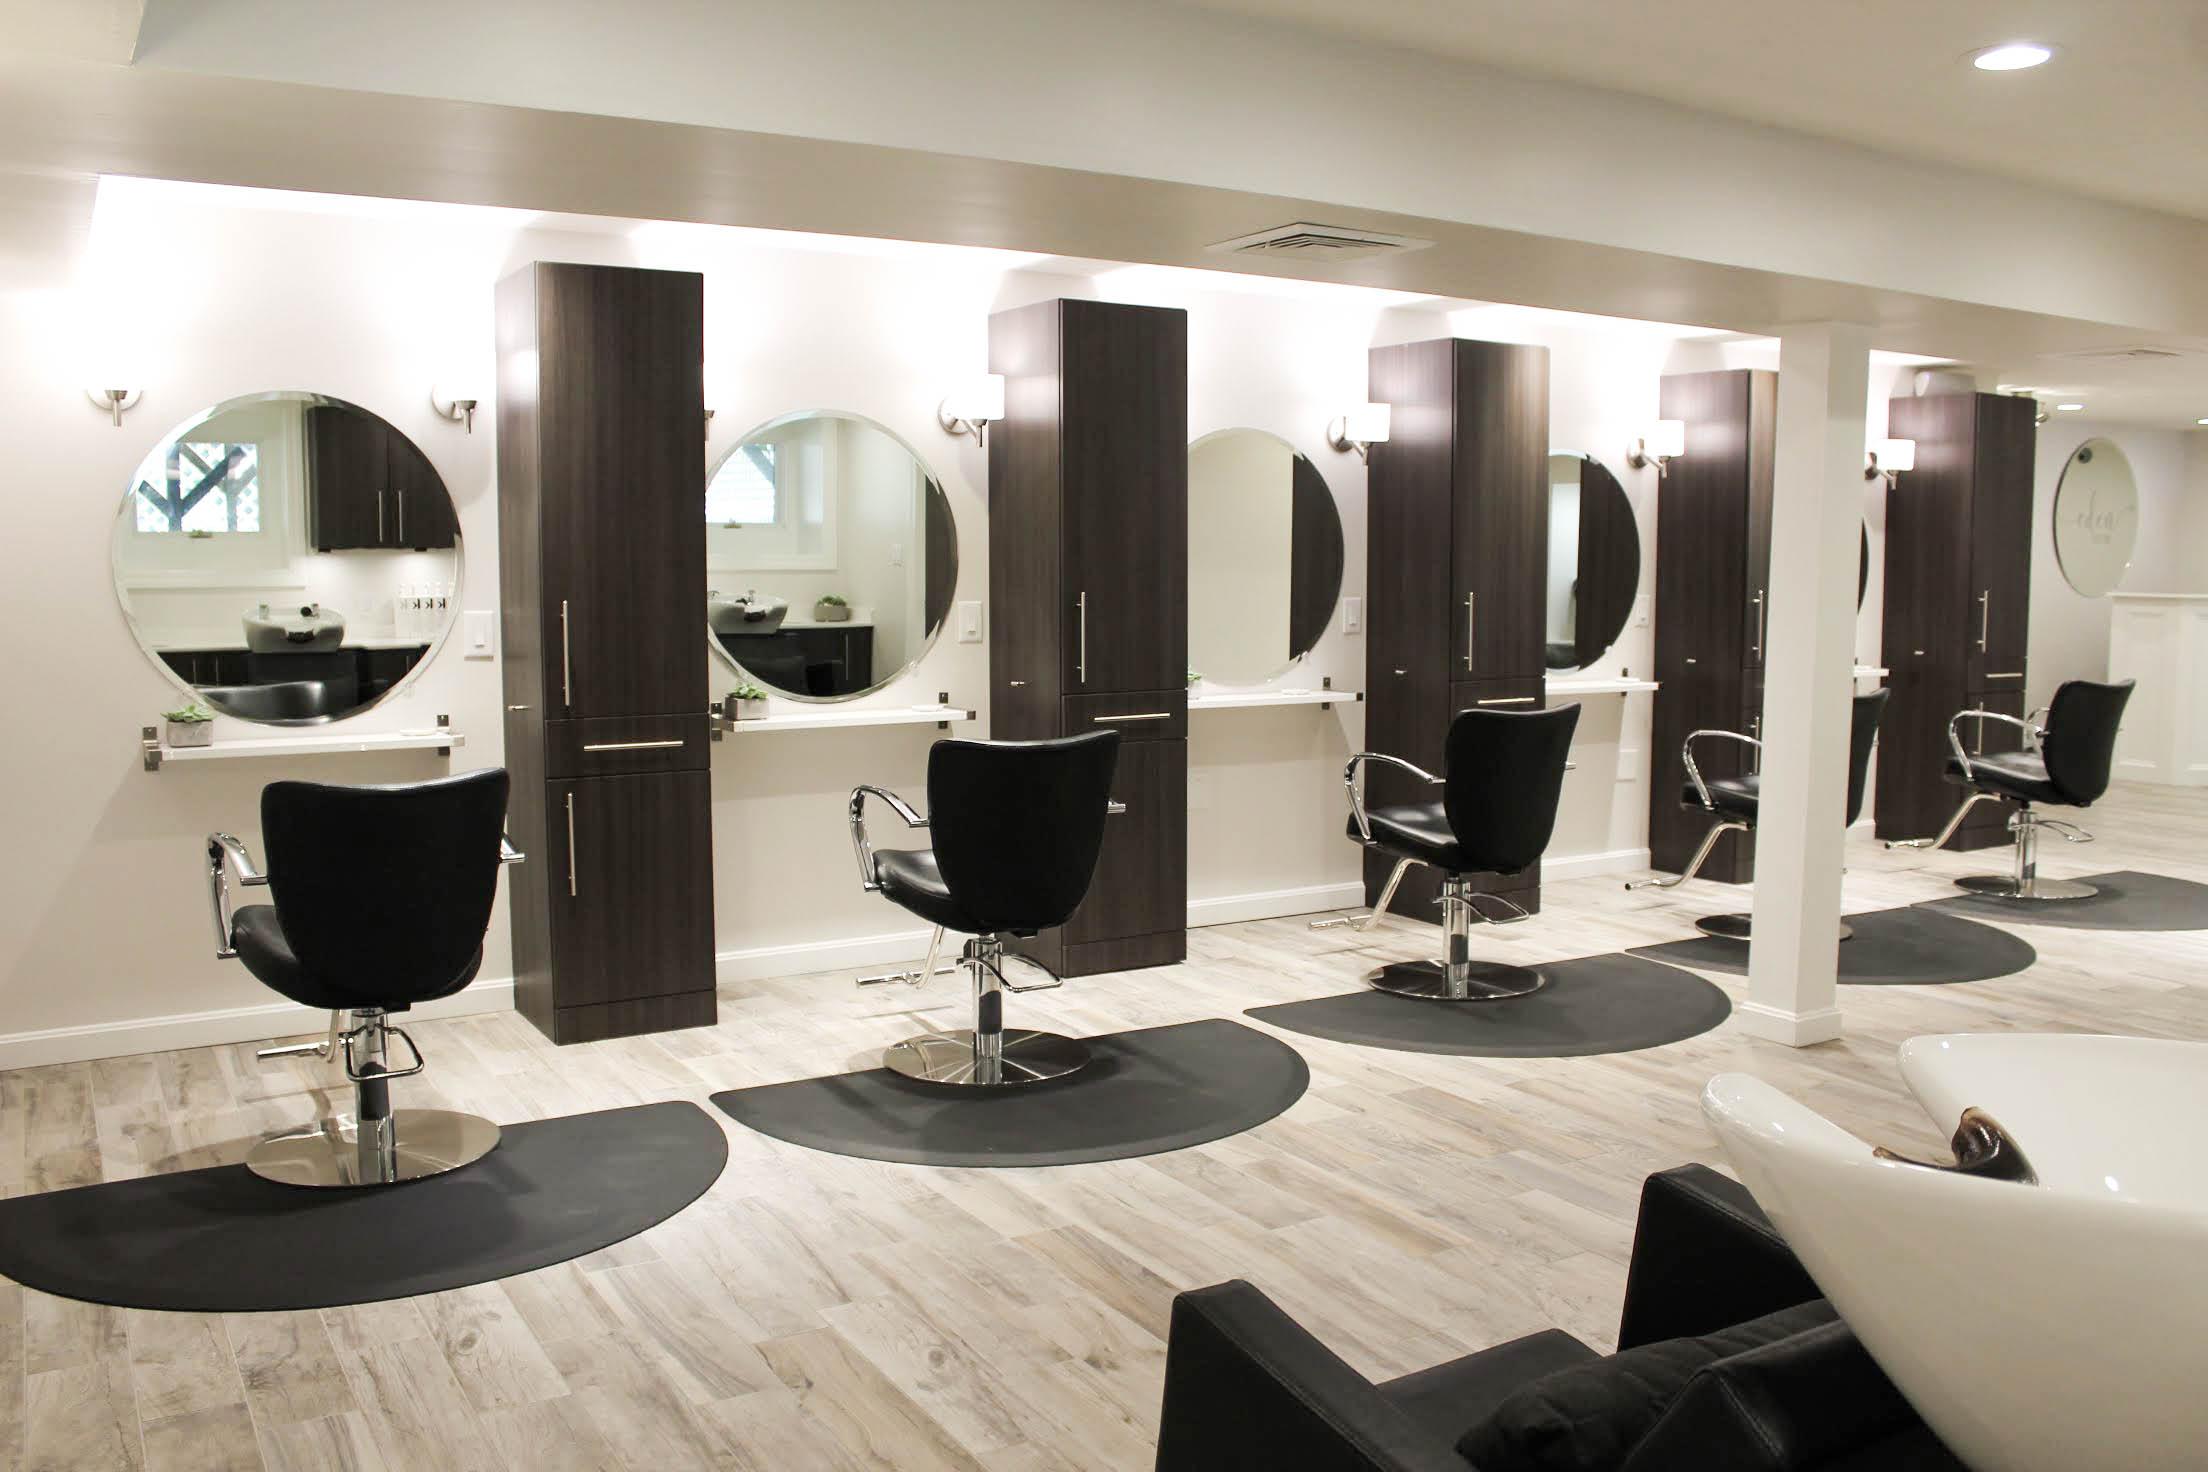 Extensions dream salon and spa pembroke